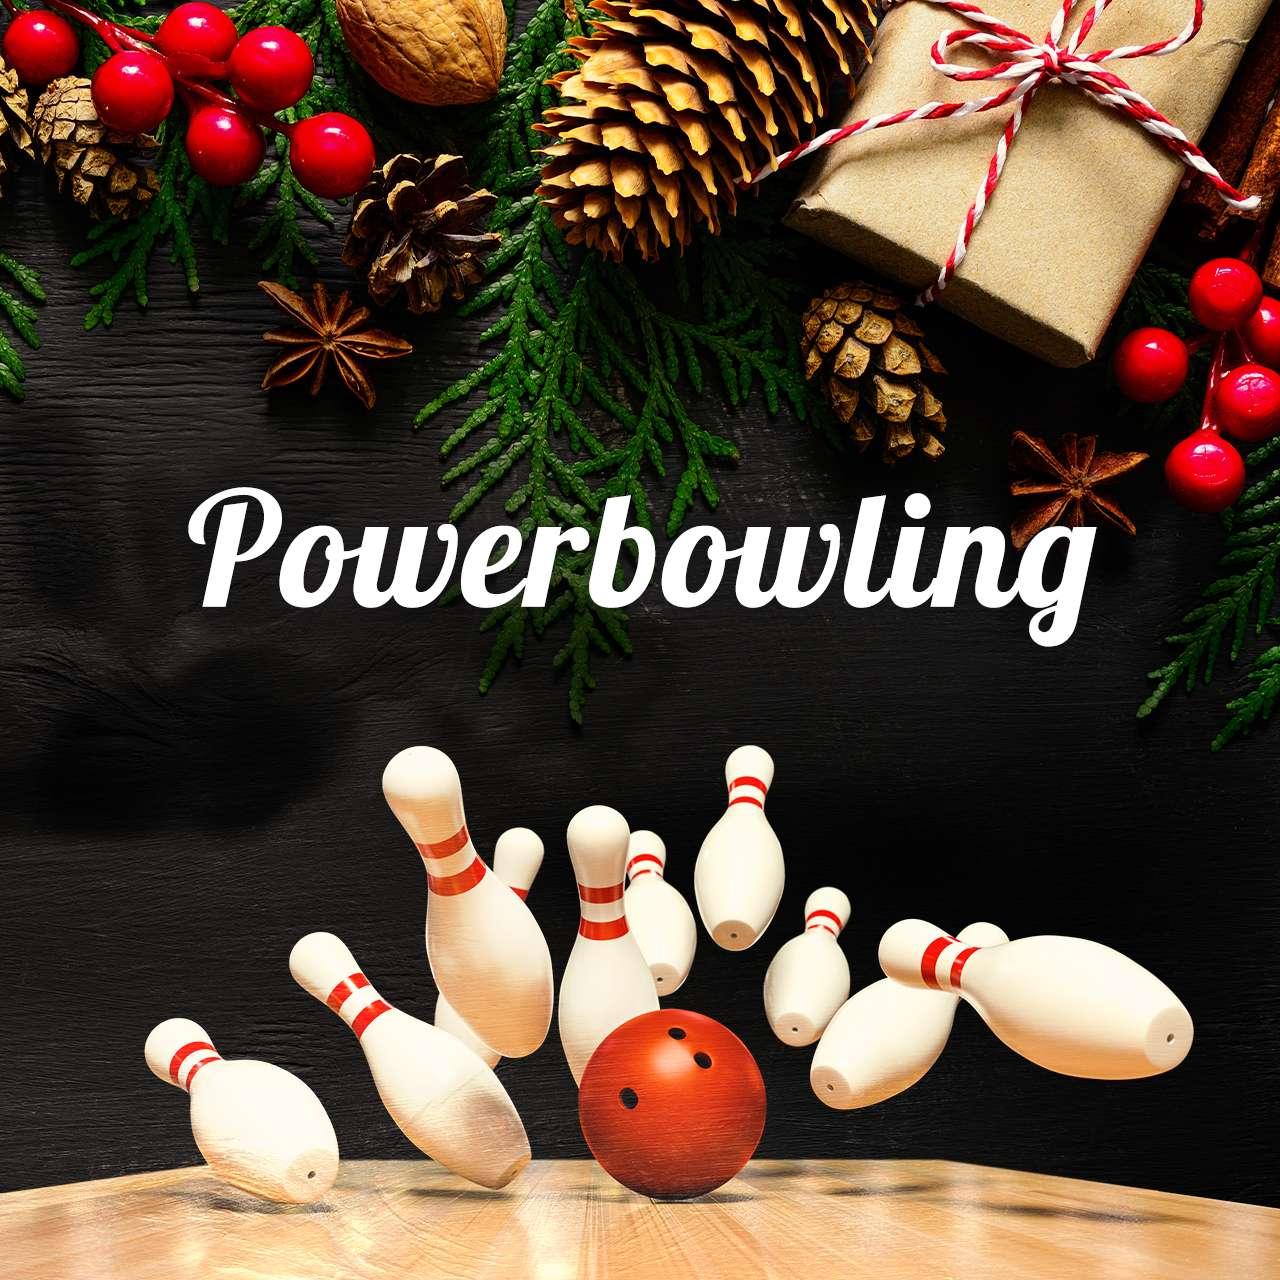 powerbowling hamburg feiern weihnachtsplaner. Black Bedroom Furniture Sets. Home Design Ideas